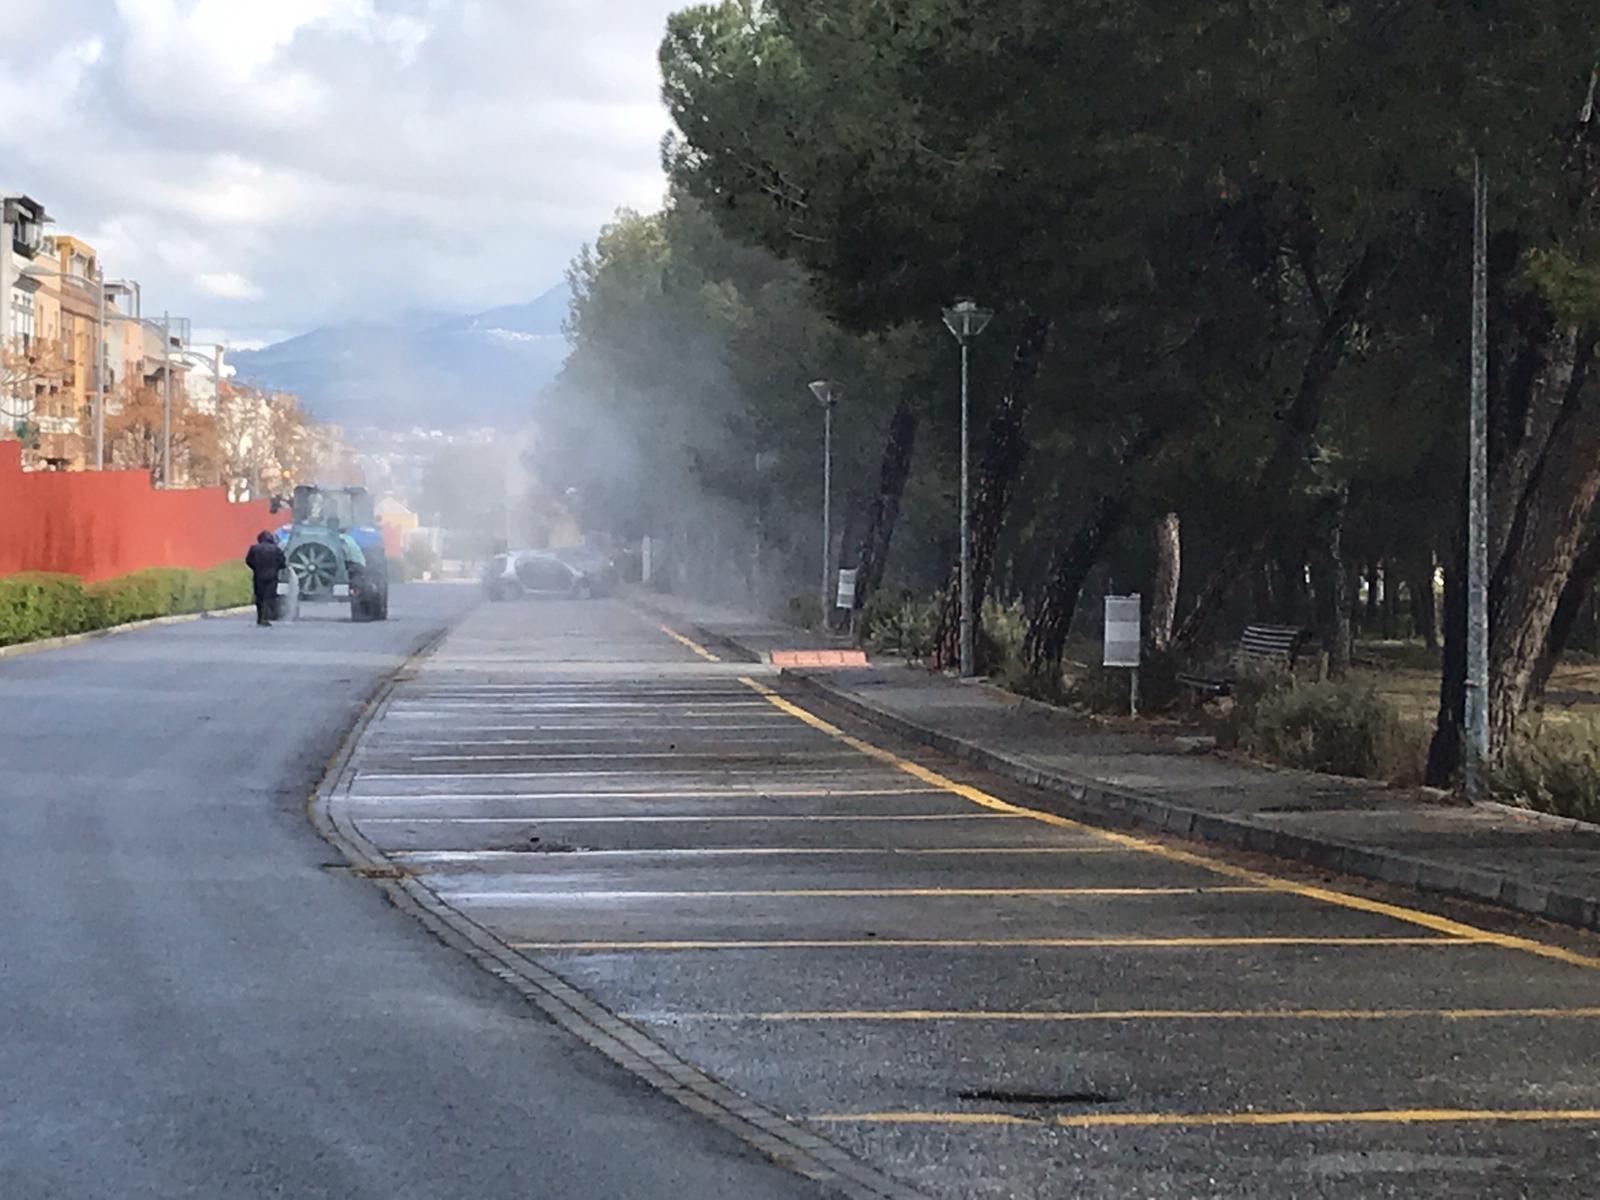 Diputación establece un protocolo de limpieza y desinfección de calles y espacios públicos en los municipios